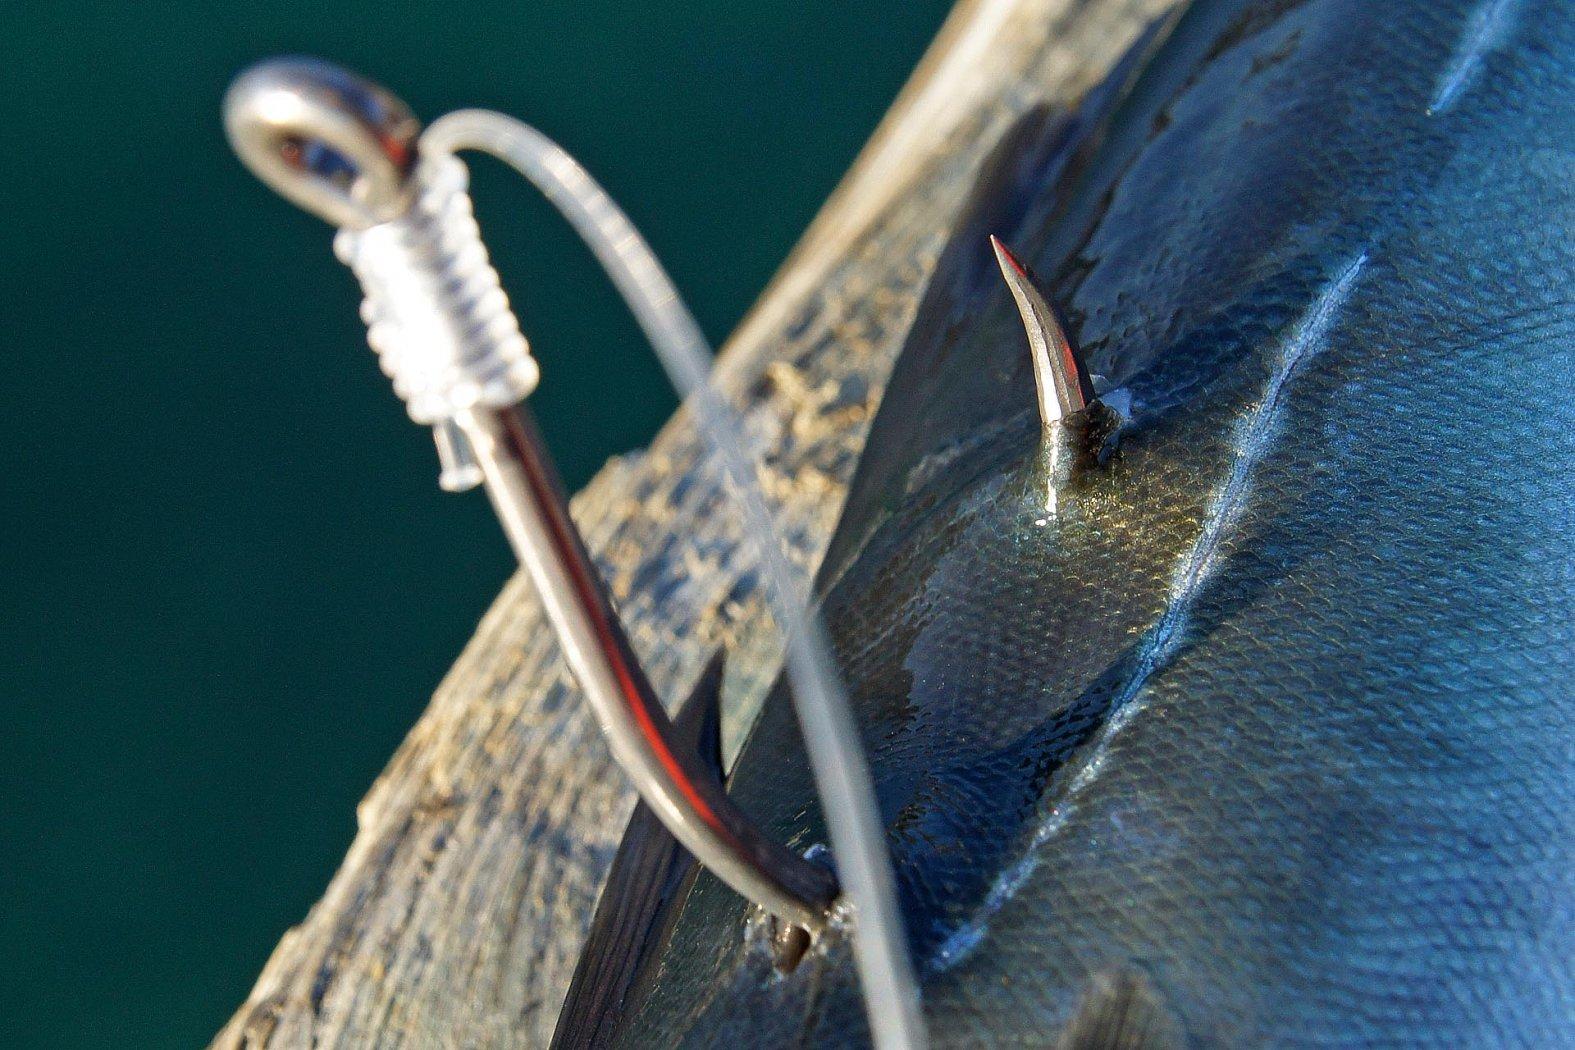 Köderfisch anködern